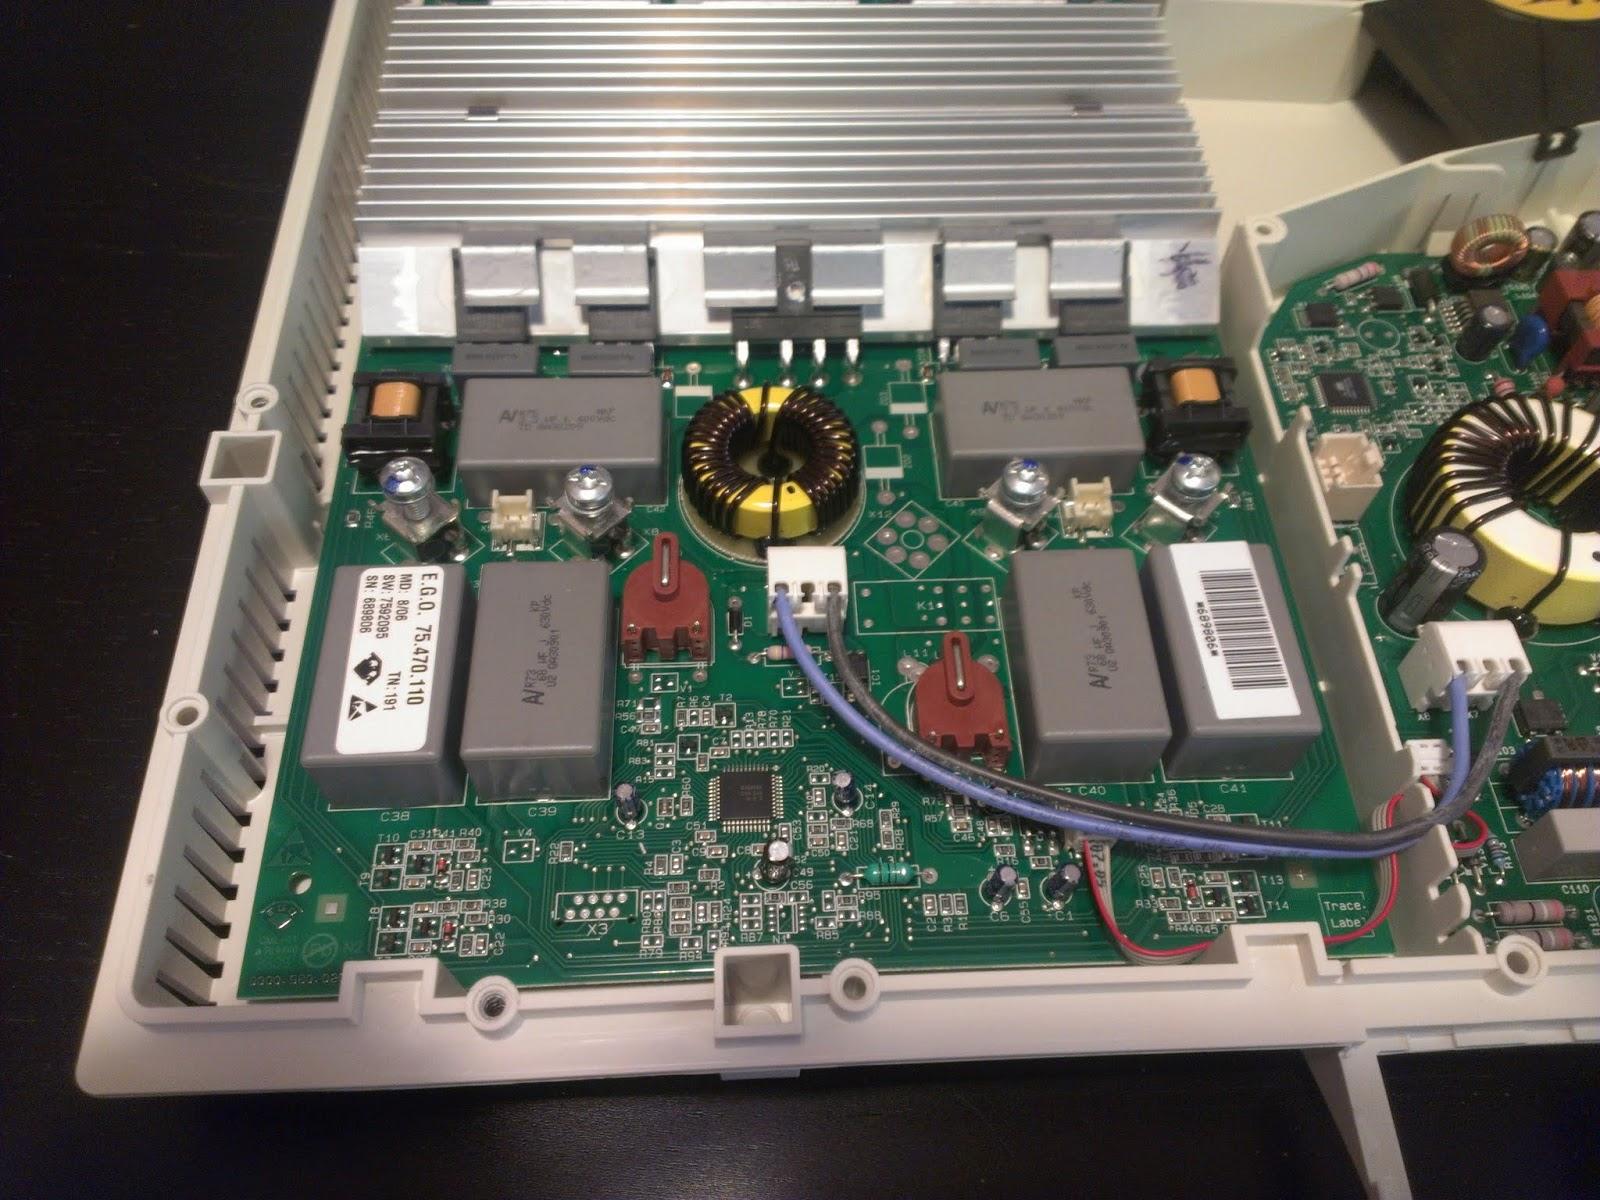 Siemens induktionskochfeld blinkt e: siemens induktionskochfeld